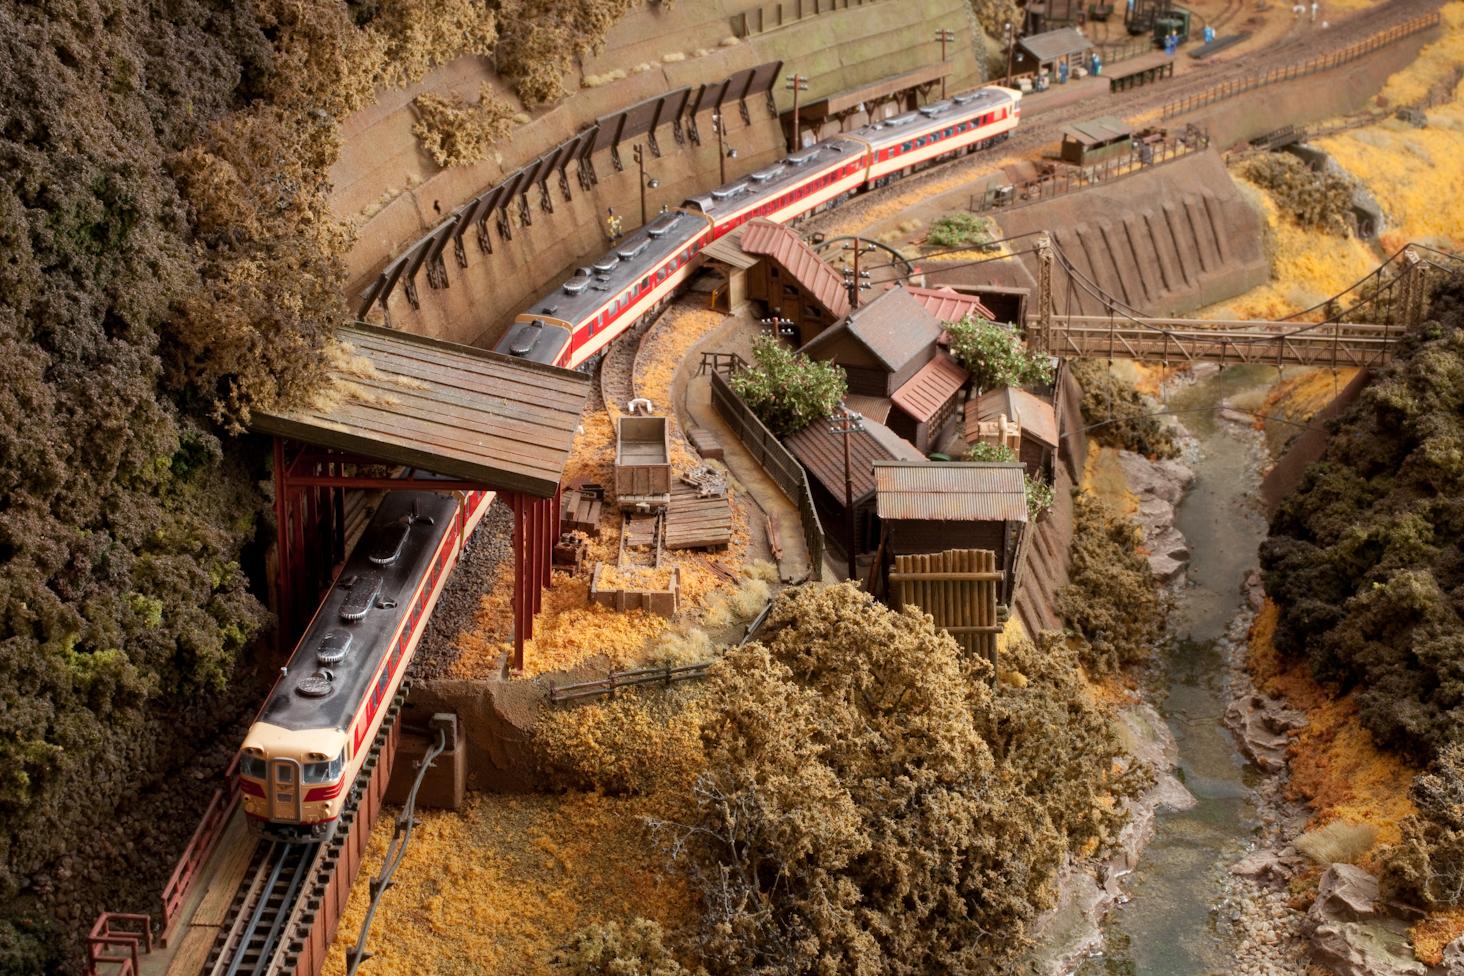 鉄道模型モジュール 渓谷 駅